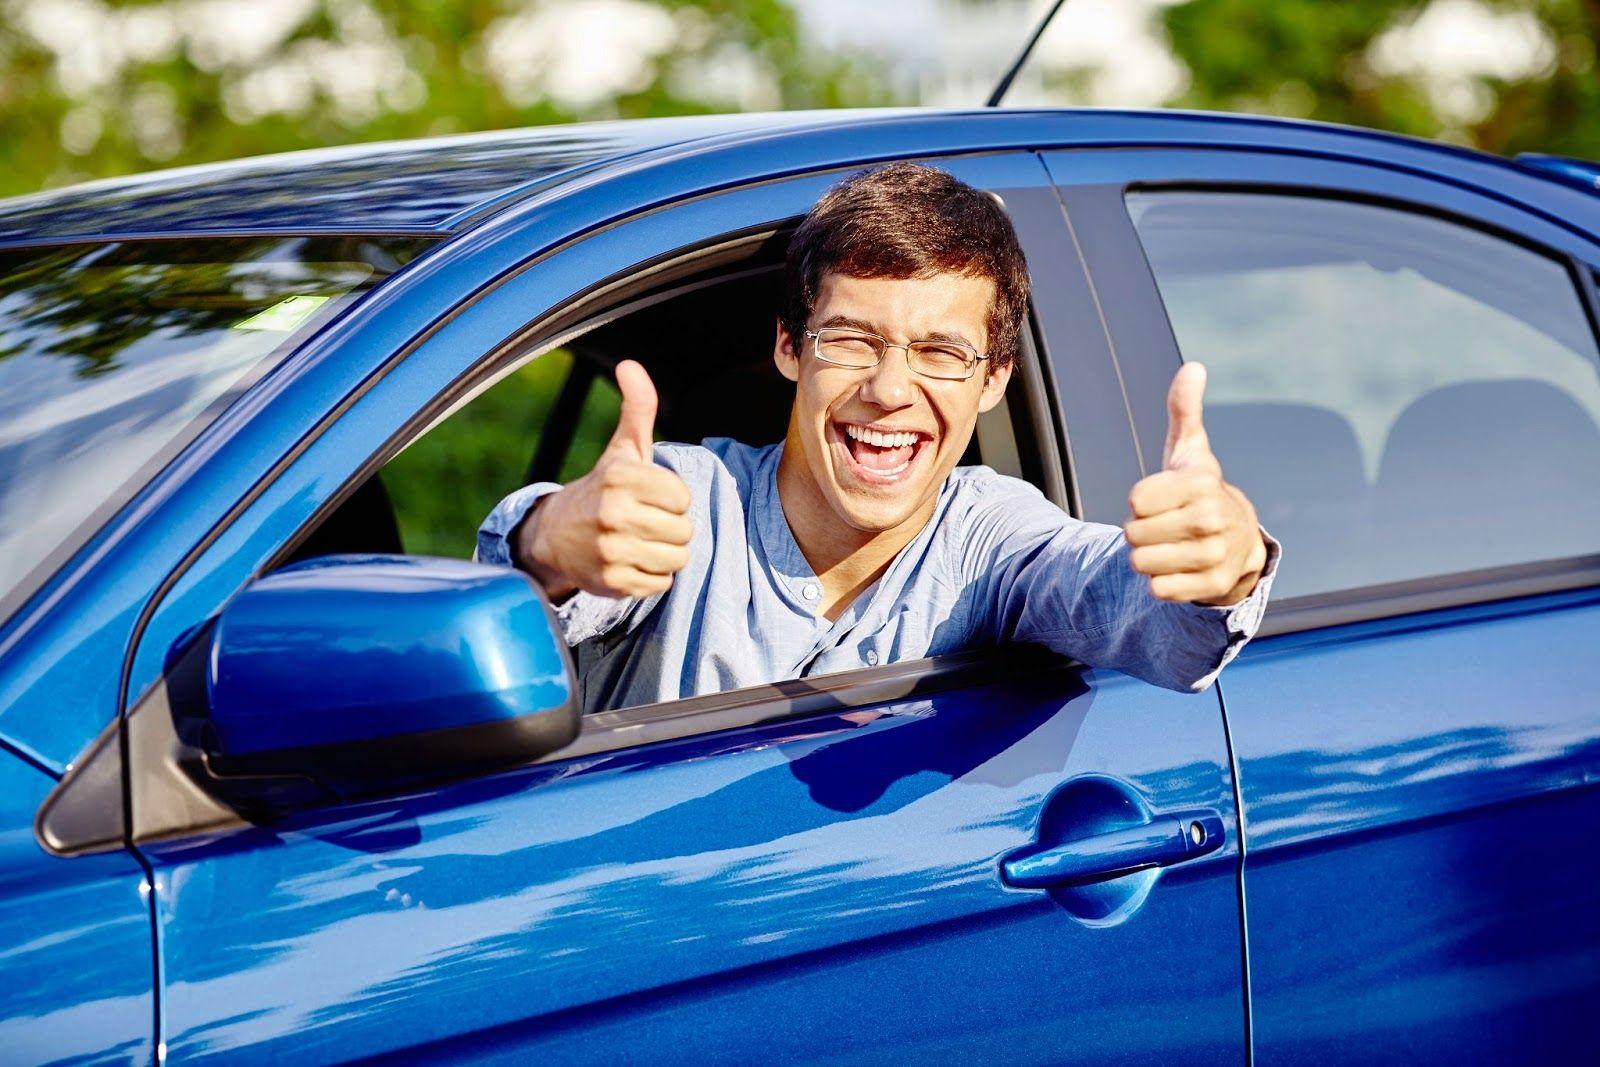 Personas indocumentadas pueden tener un seguro de auto en Texas